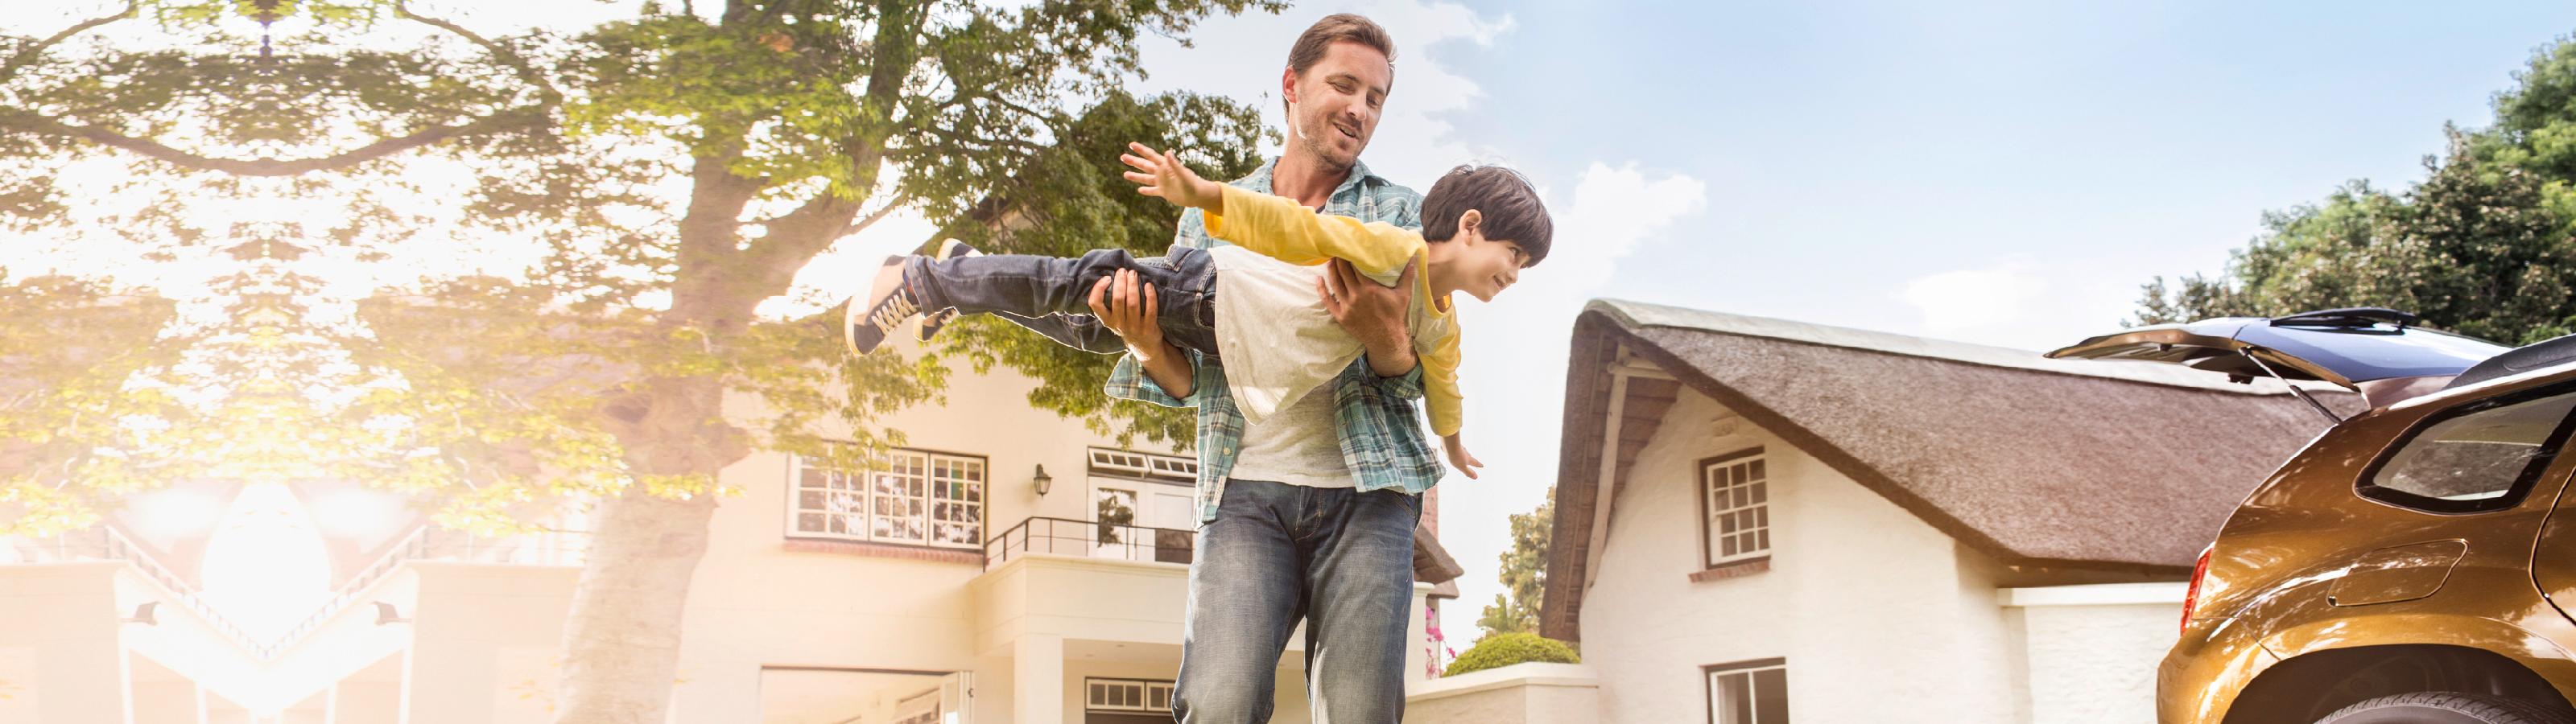 Por ser cliente del Banco BBVA, te ofrecemos el Seguro Multiriesgo para Hogar, que busca proteger tu vivienda y tus contenidos del hogar.